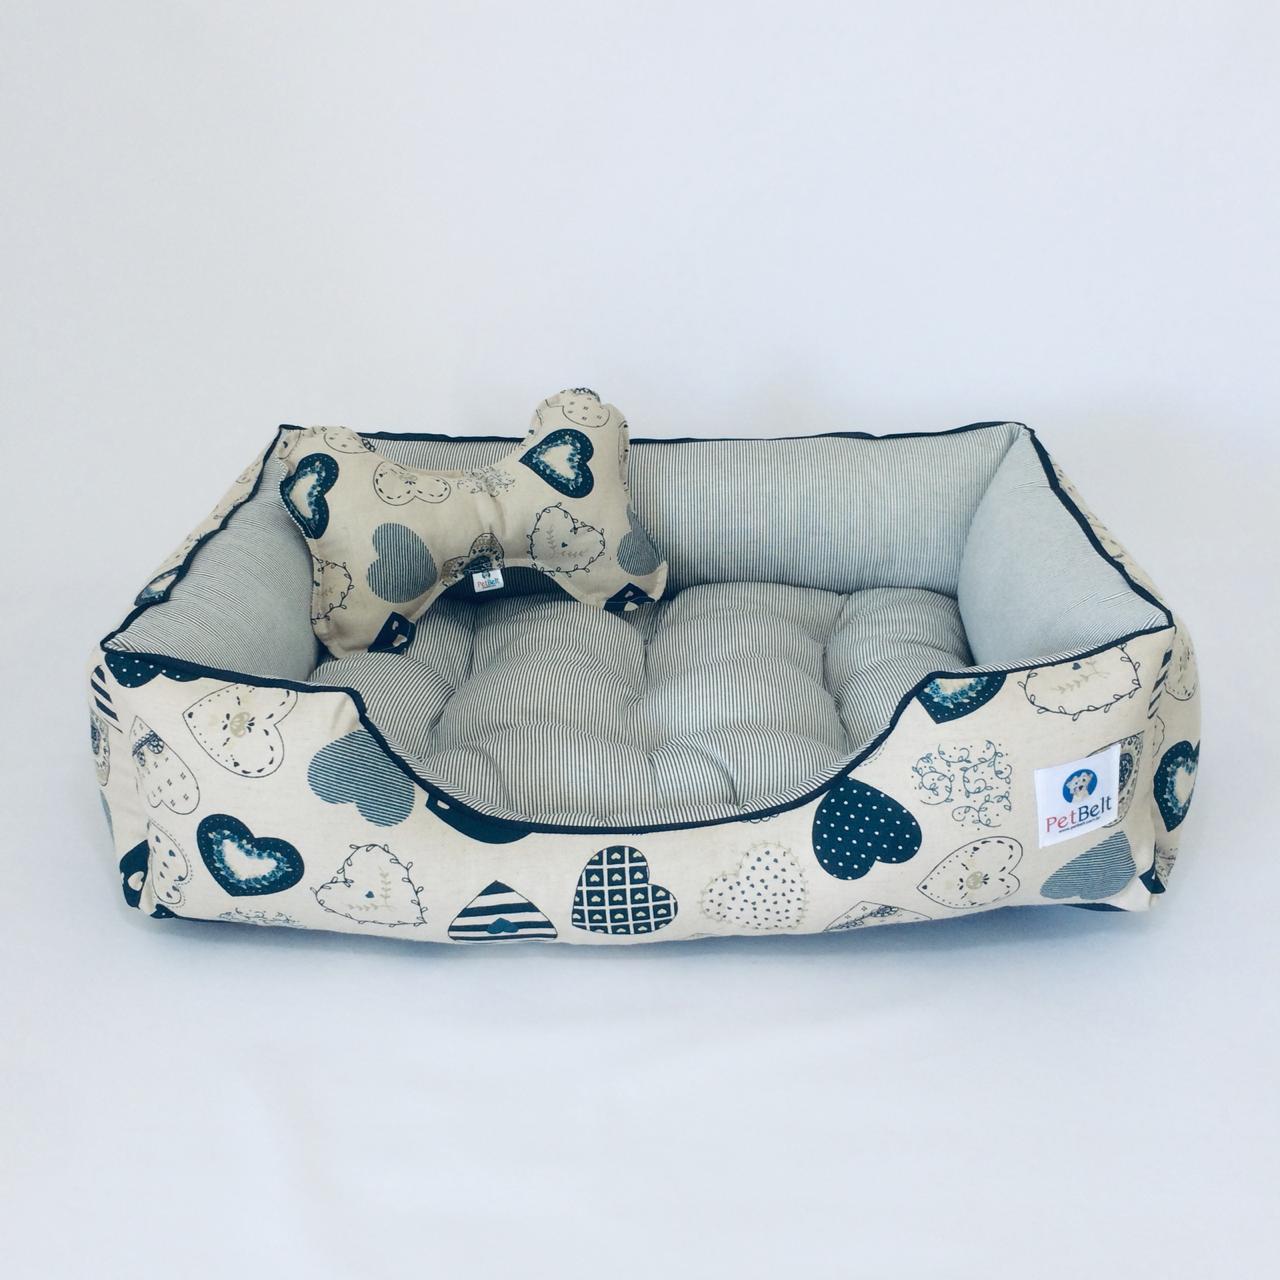 Cama Pet de Linho Cachorro Gato almofada removível c/ zíper - Tam P - Coração Blue